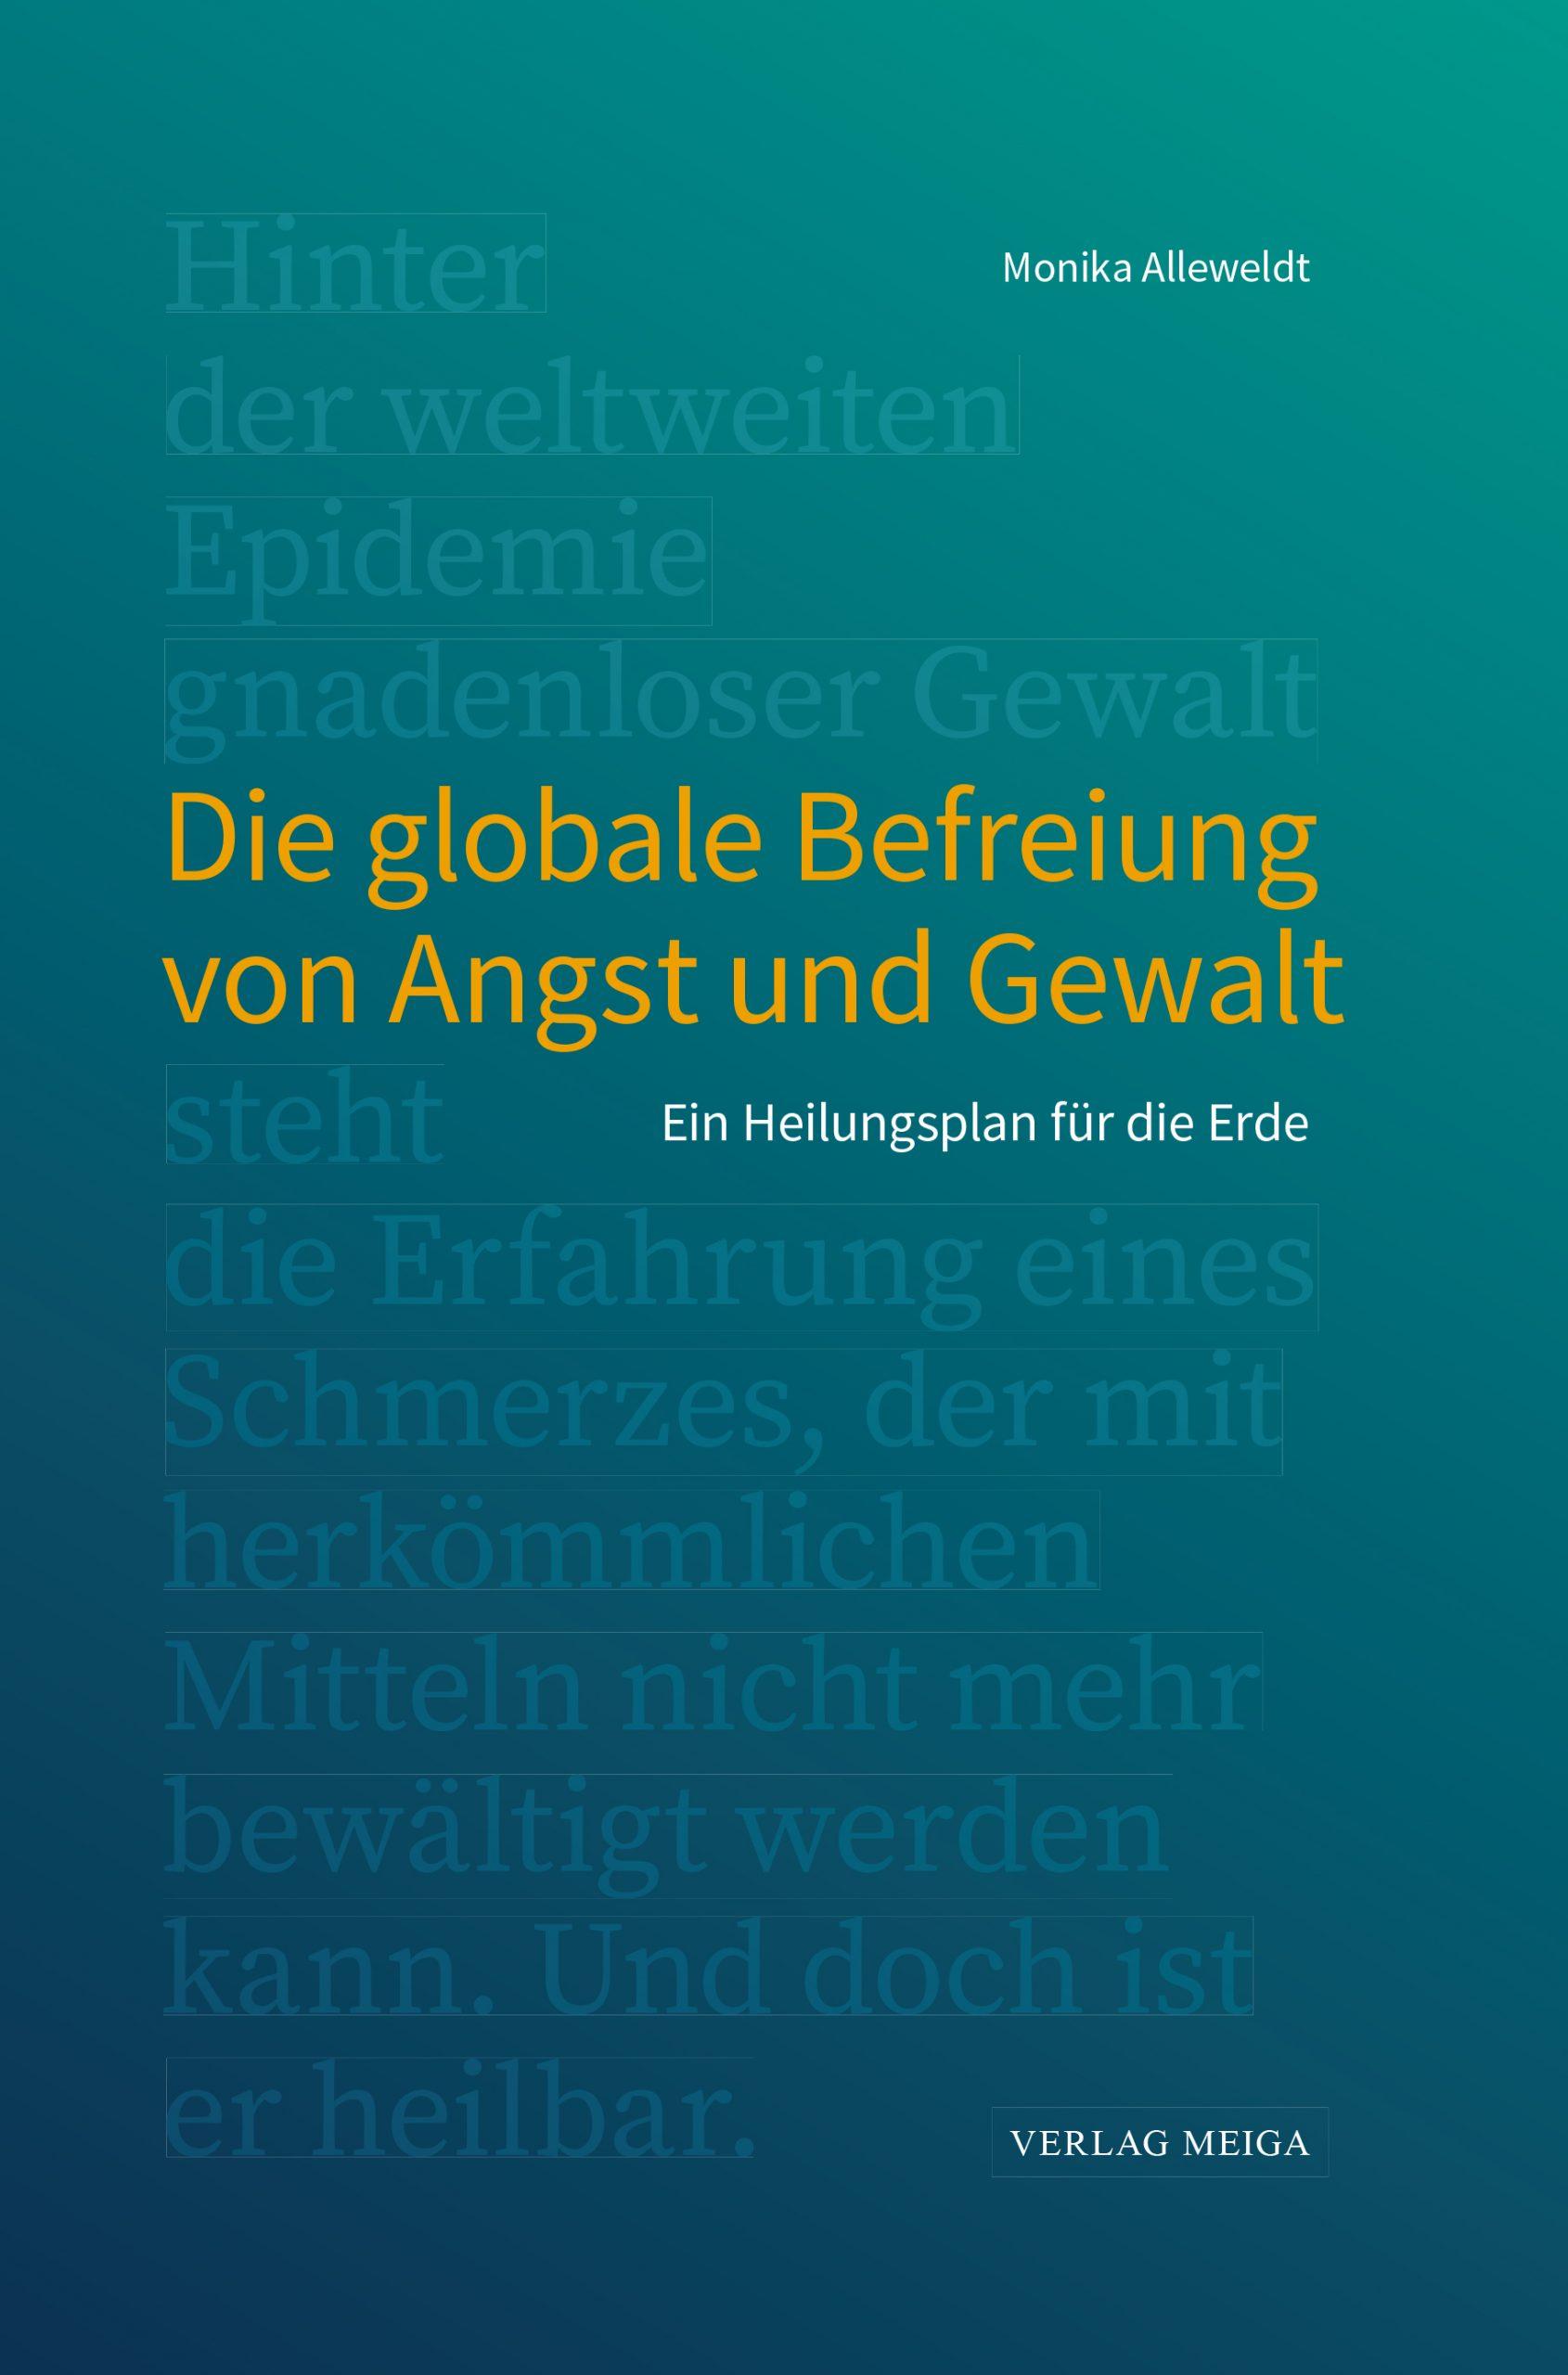 Die globale Befreiung von Angst und Gewalt: Ein Heilungsplan für die Erde.